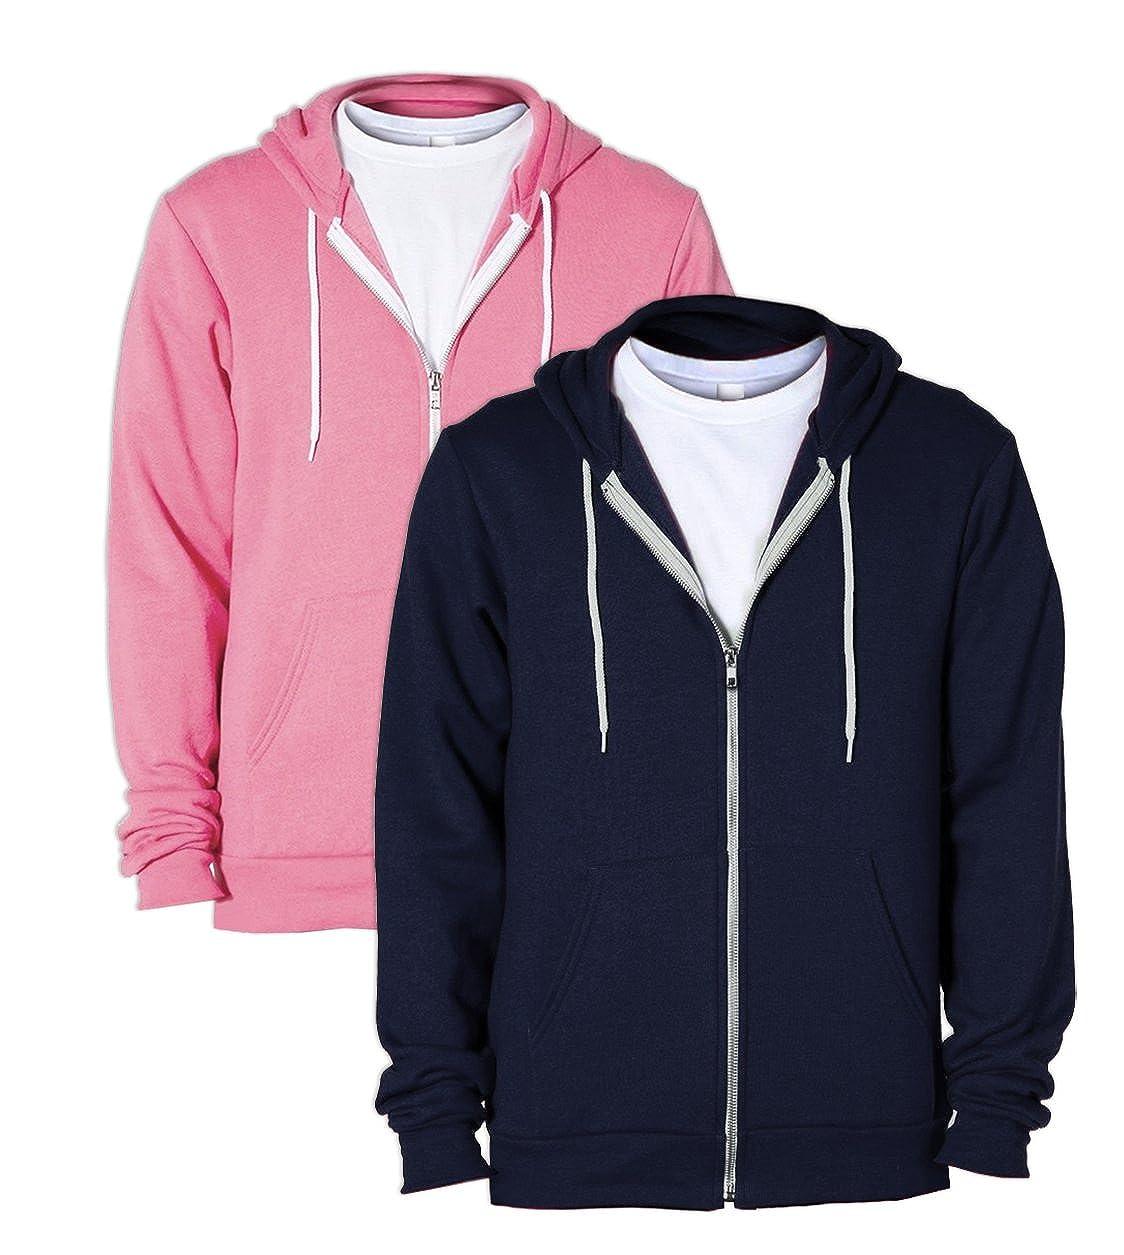 American Apparel F497 Flex Fleece Zip Hoodie XXL 1 Navy 1 Neon Heather Pink